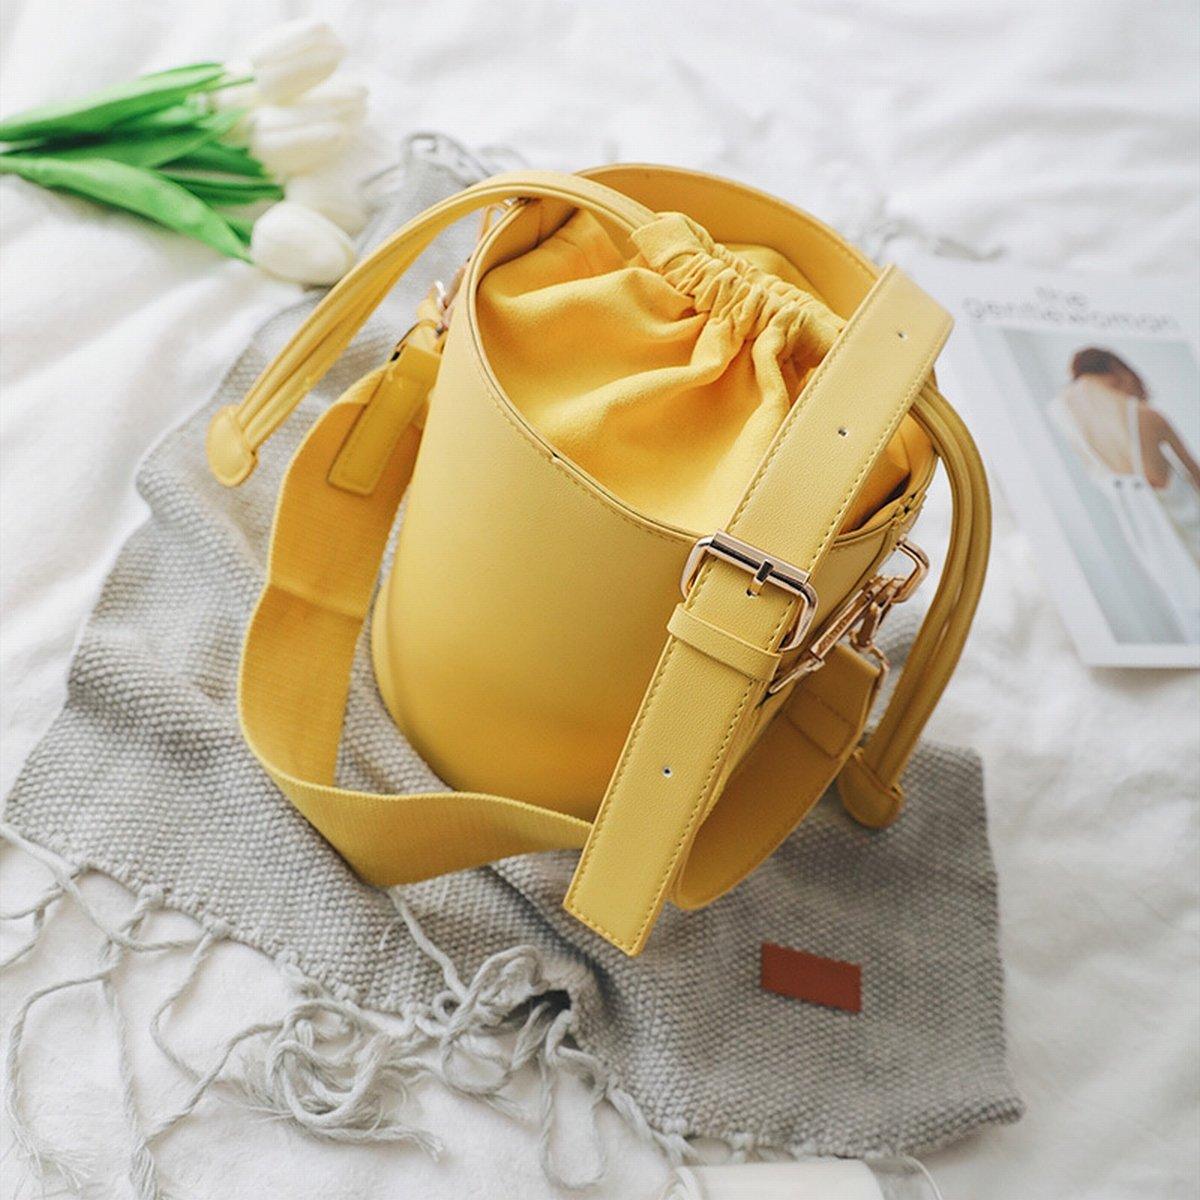 Handtasche für Damen Kette zu der Mode Handtasche Ringbeleuchtung Horizontal Eisbeutel, Gestreift Einheitsgröße